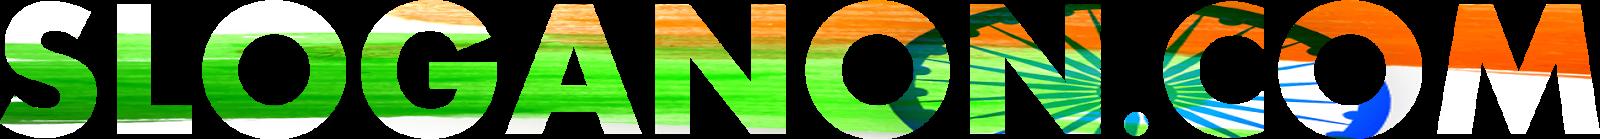 slogan on